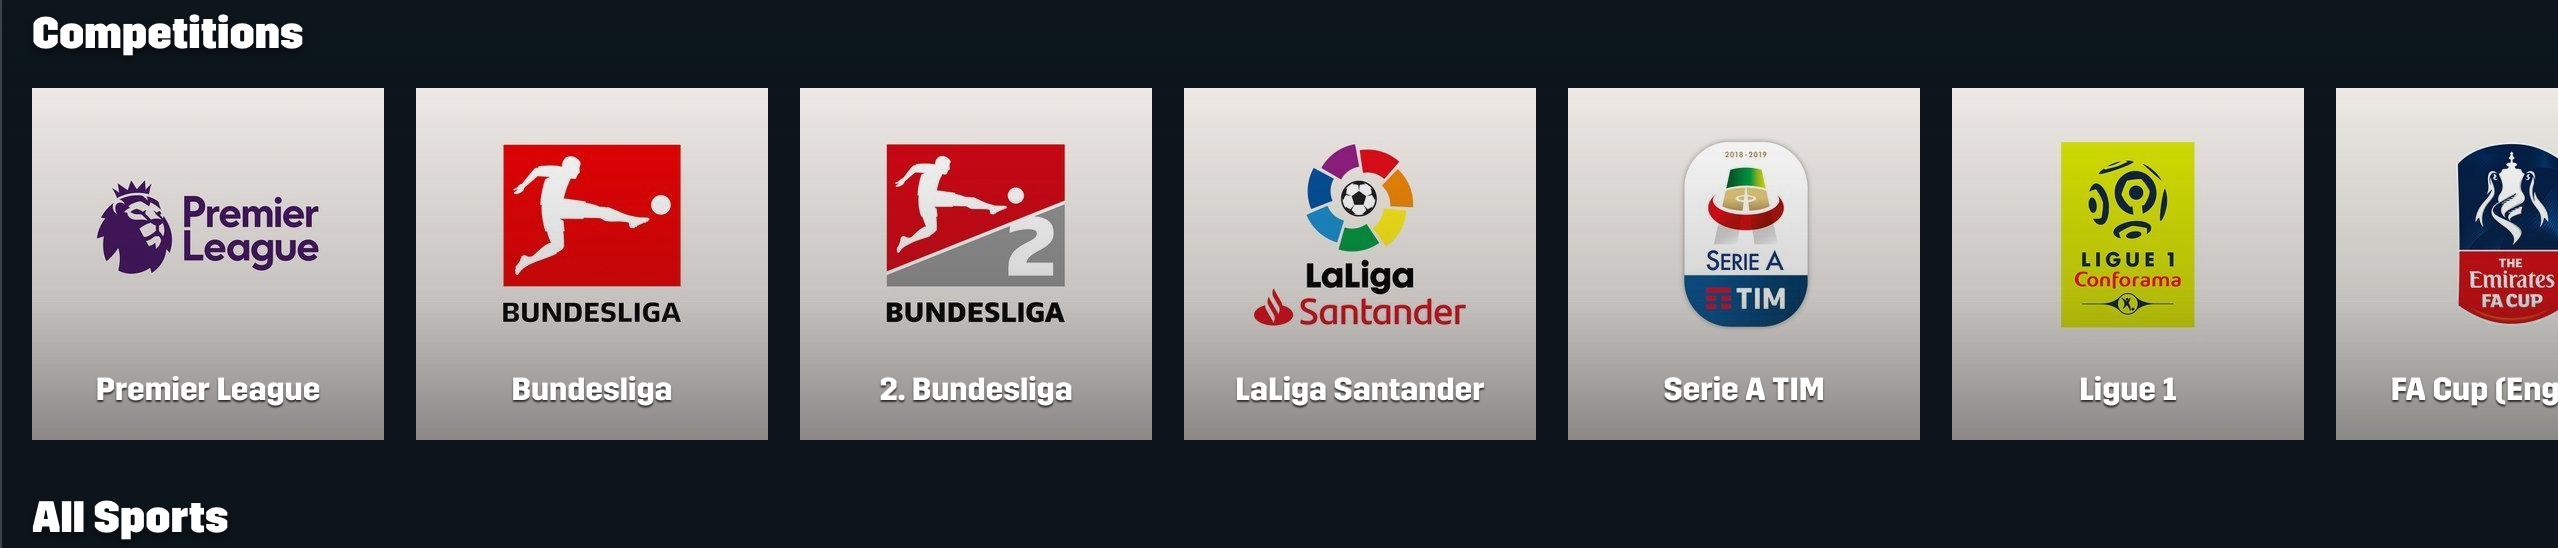 Watch Premier League Football on DAZN